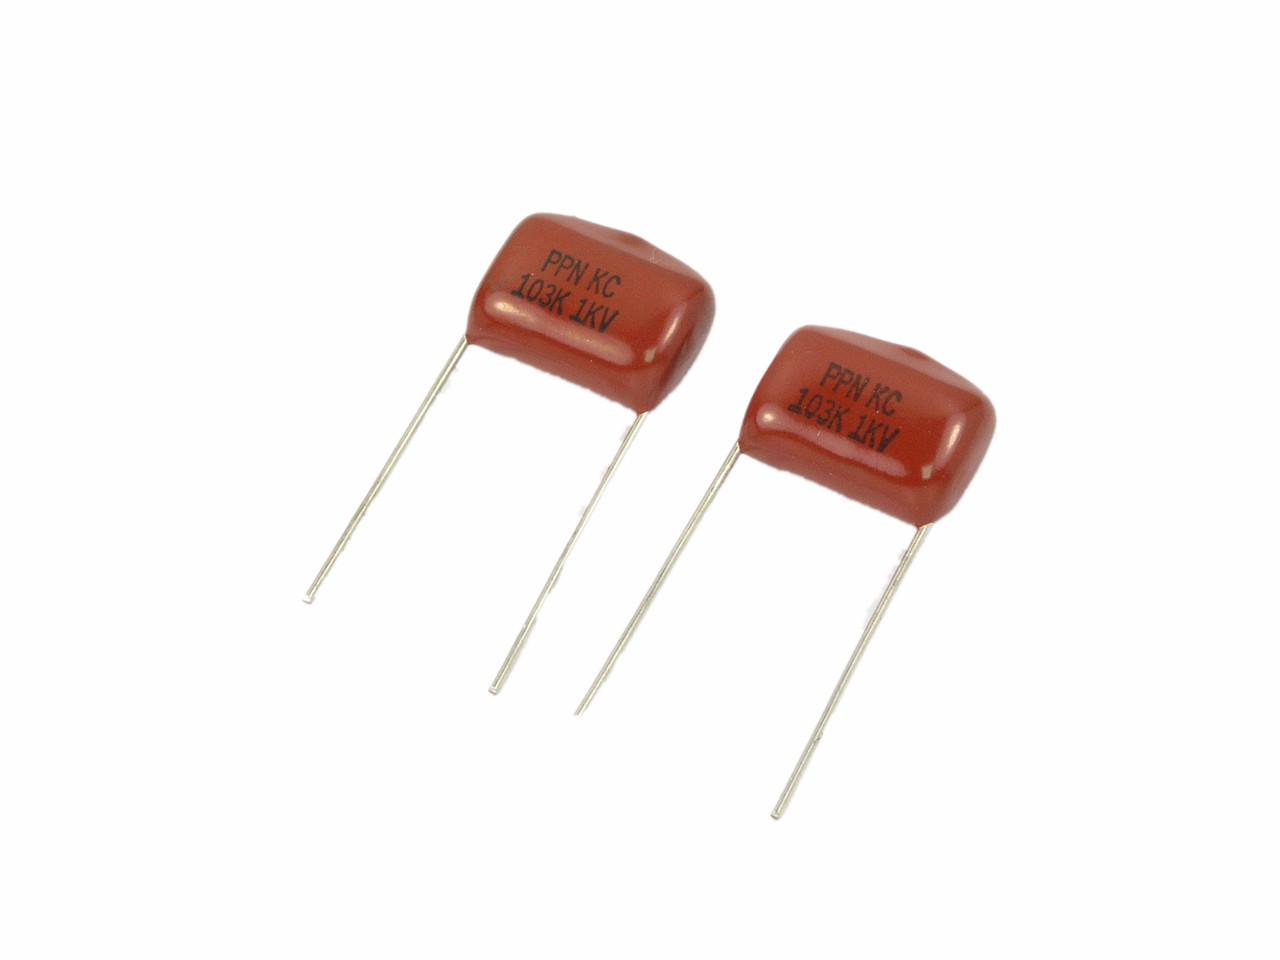 CBB-21 M-Полипропилен 0,022mkf(220nf)-250 VAC (±10%)  P:10mm (SX)